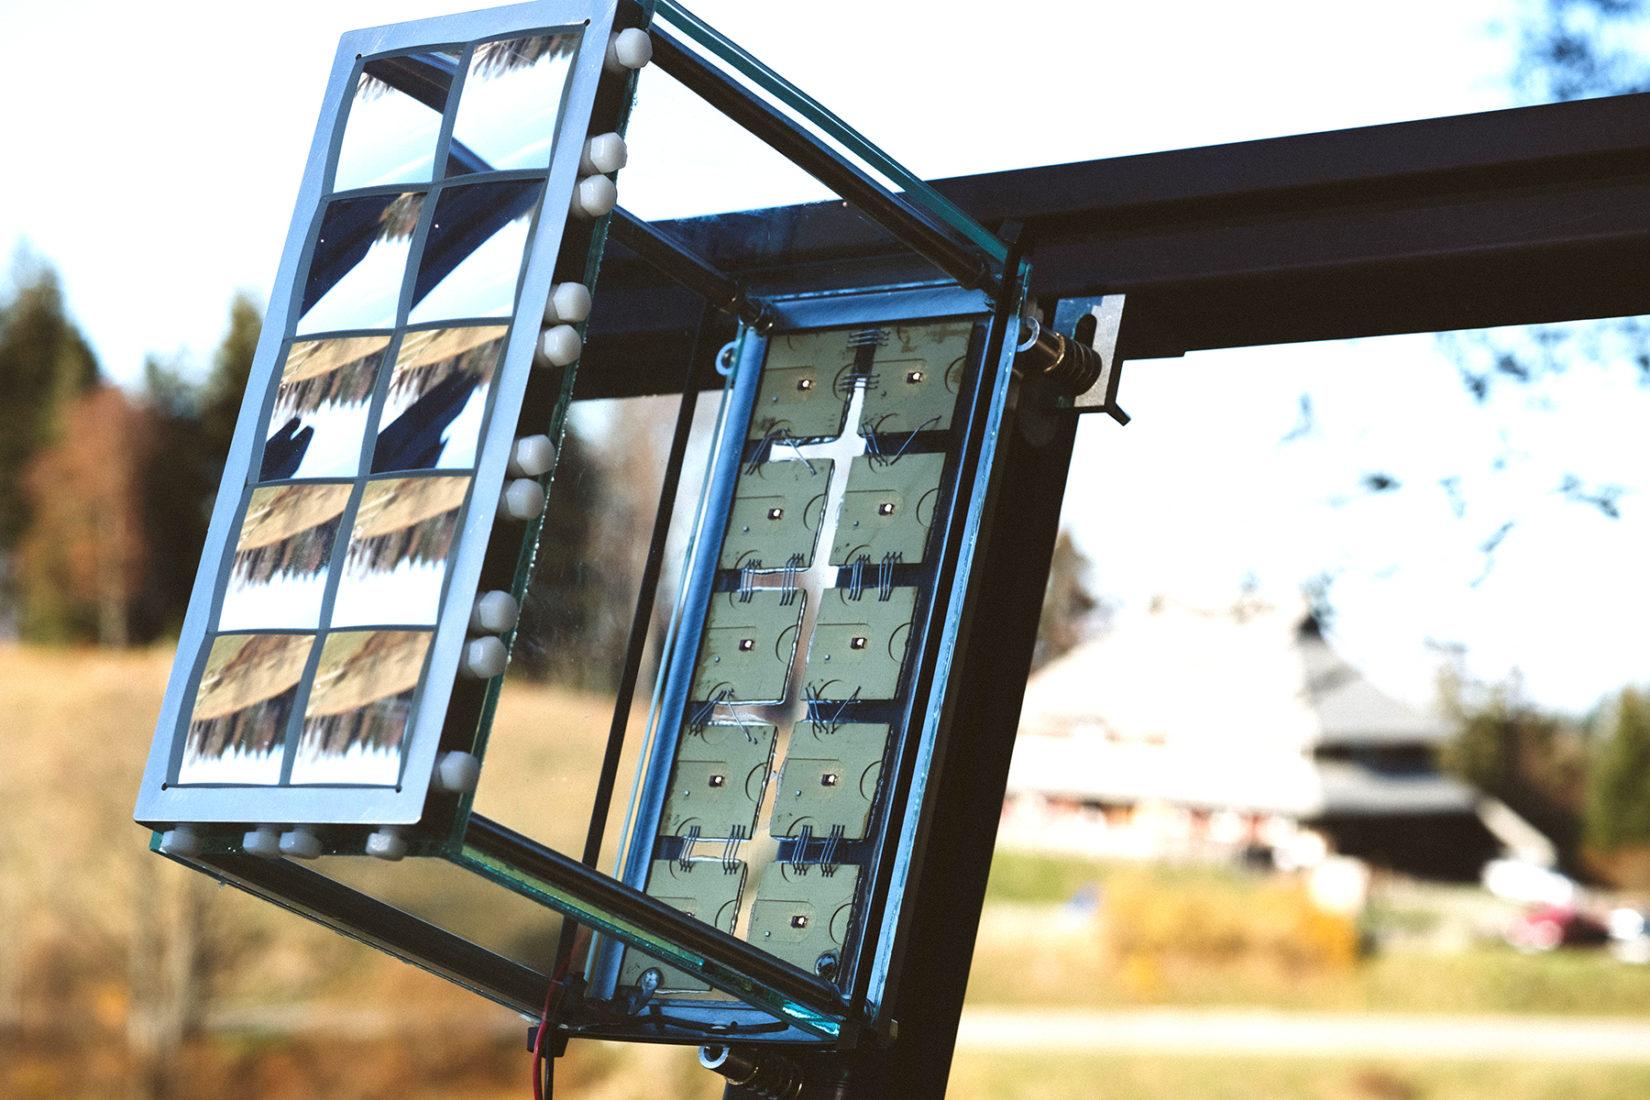 Rekordwirkungsgrad: Dieses Konzentrator-Photovoltaikmodul verwandelt 41,4 % der Solareinstrahlung in elektrische Energie. Foto: Fraunhofer ISE